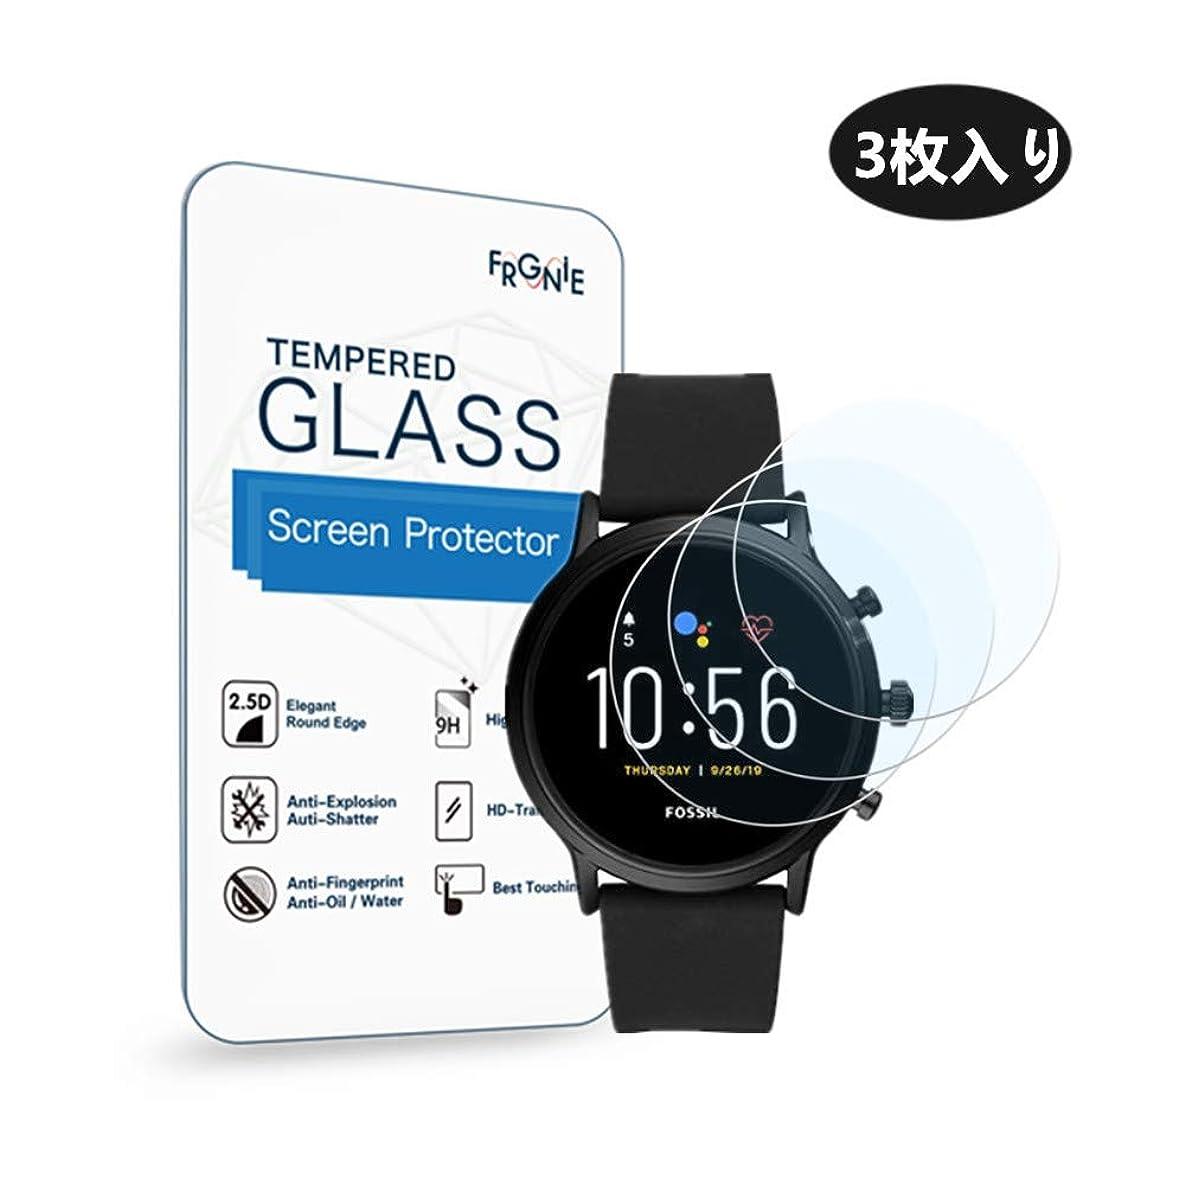 溶岩希望に満ちたハリケーン(3枚入り) Frgnie for Fossil Carlyle HR スクリーン保護フィルム, 9H 強化 ガラス 保護フィルム 対応 Fossil GEN 5 Carlyle HR Smartwatch スマート腕時計